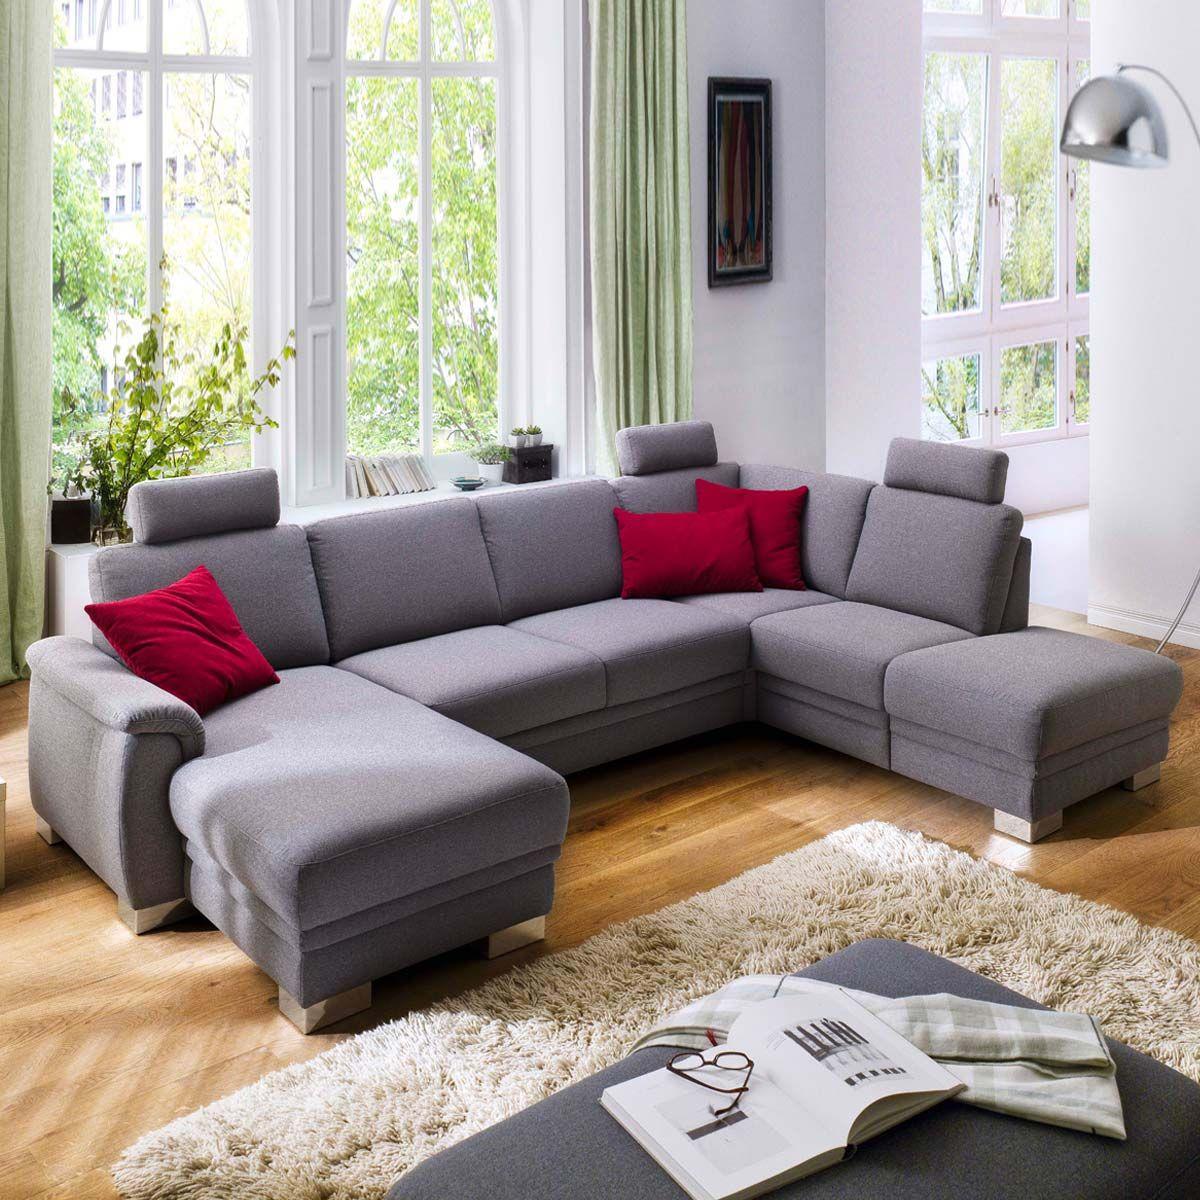 Marvelous #Wohnlandschaft Galten Im Hochwertigen #Stoffgewebe. #Wohnzimmer #Garnitur  Findet Ihr Unter Www